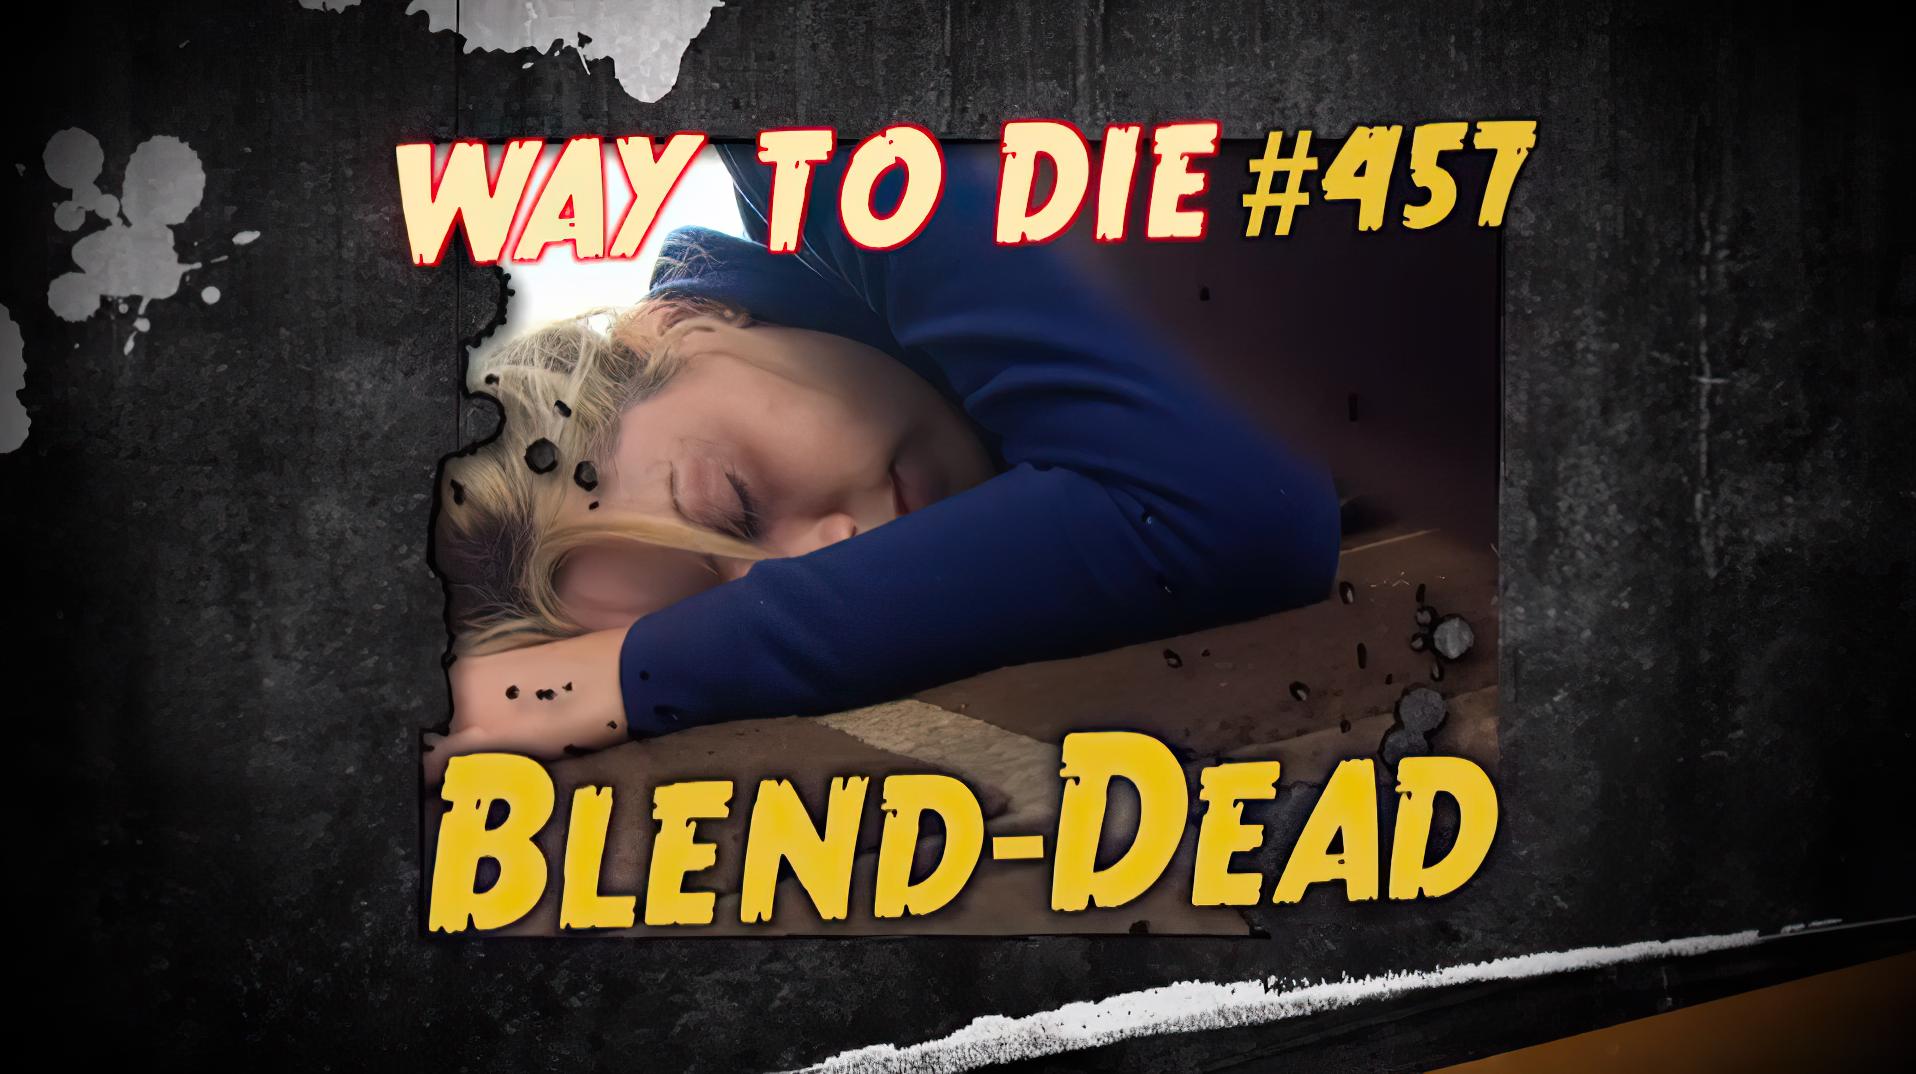 Blend-Dead